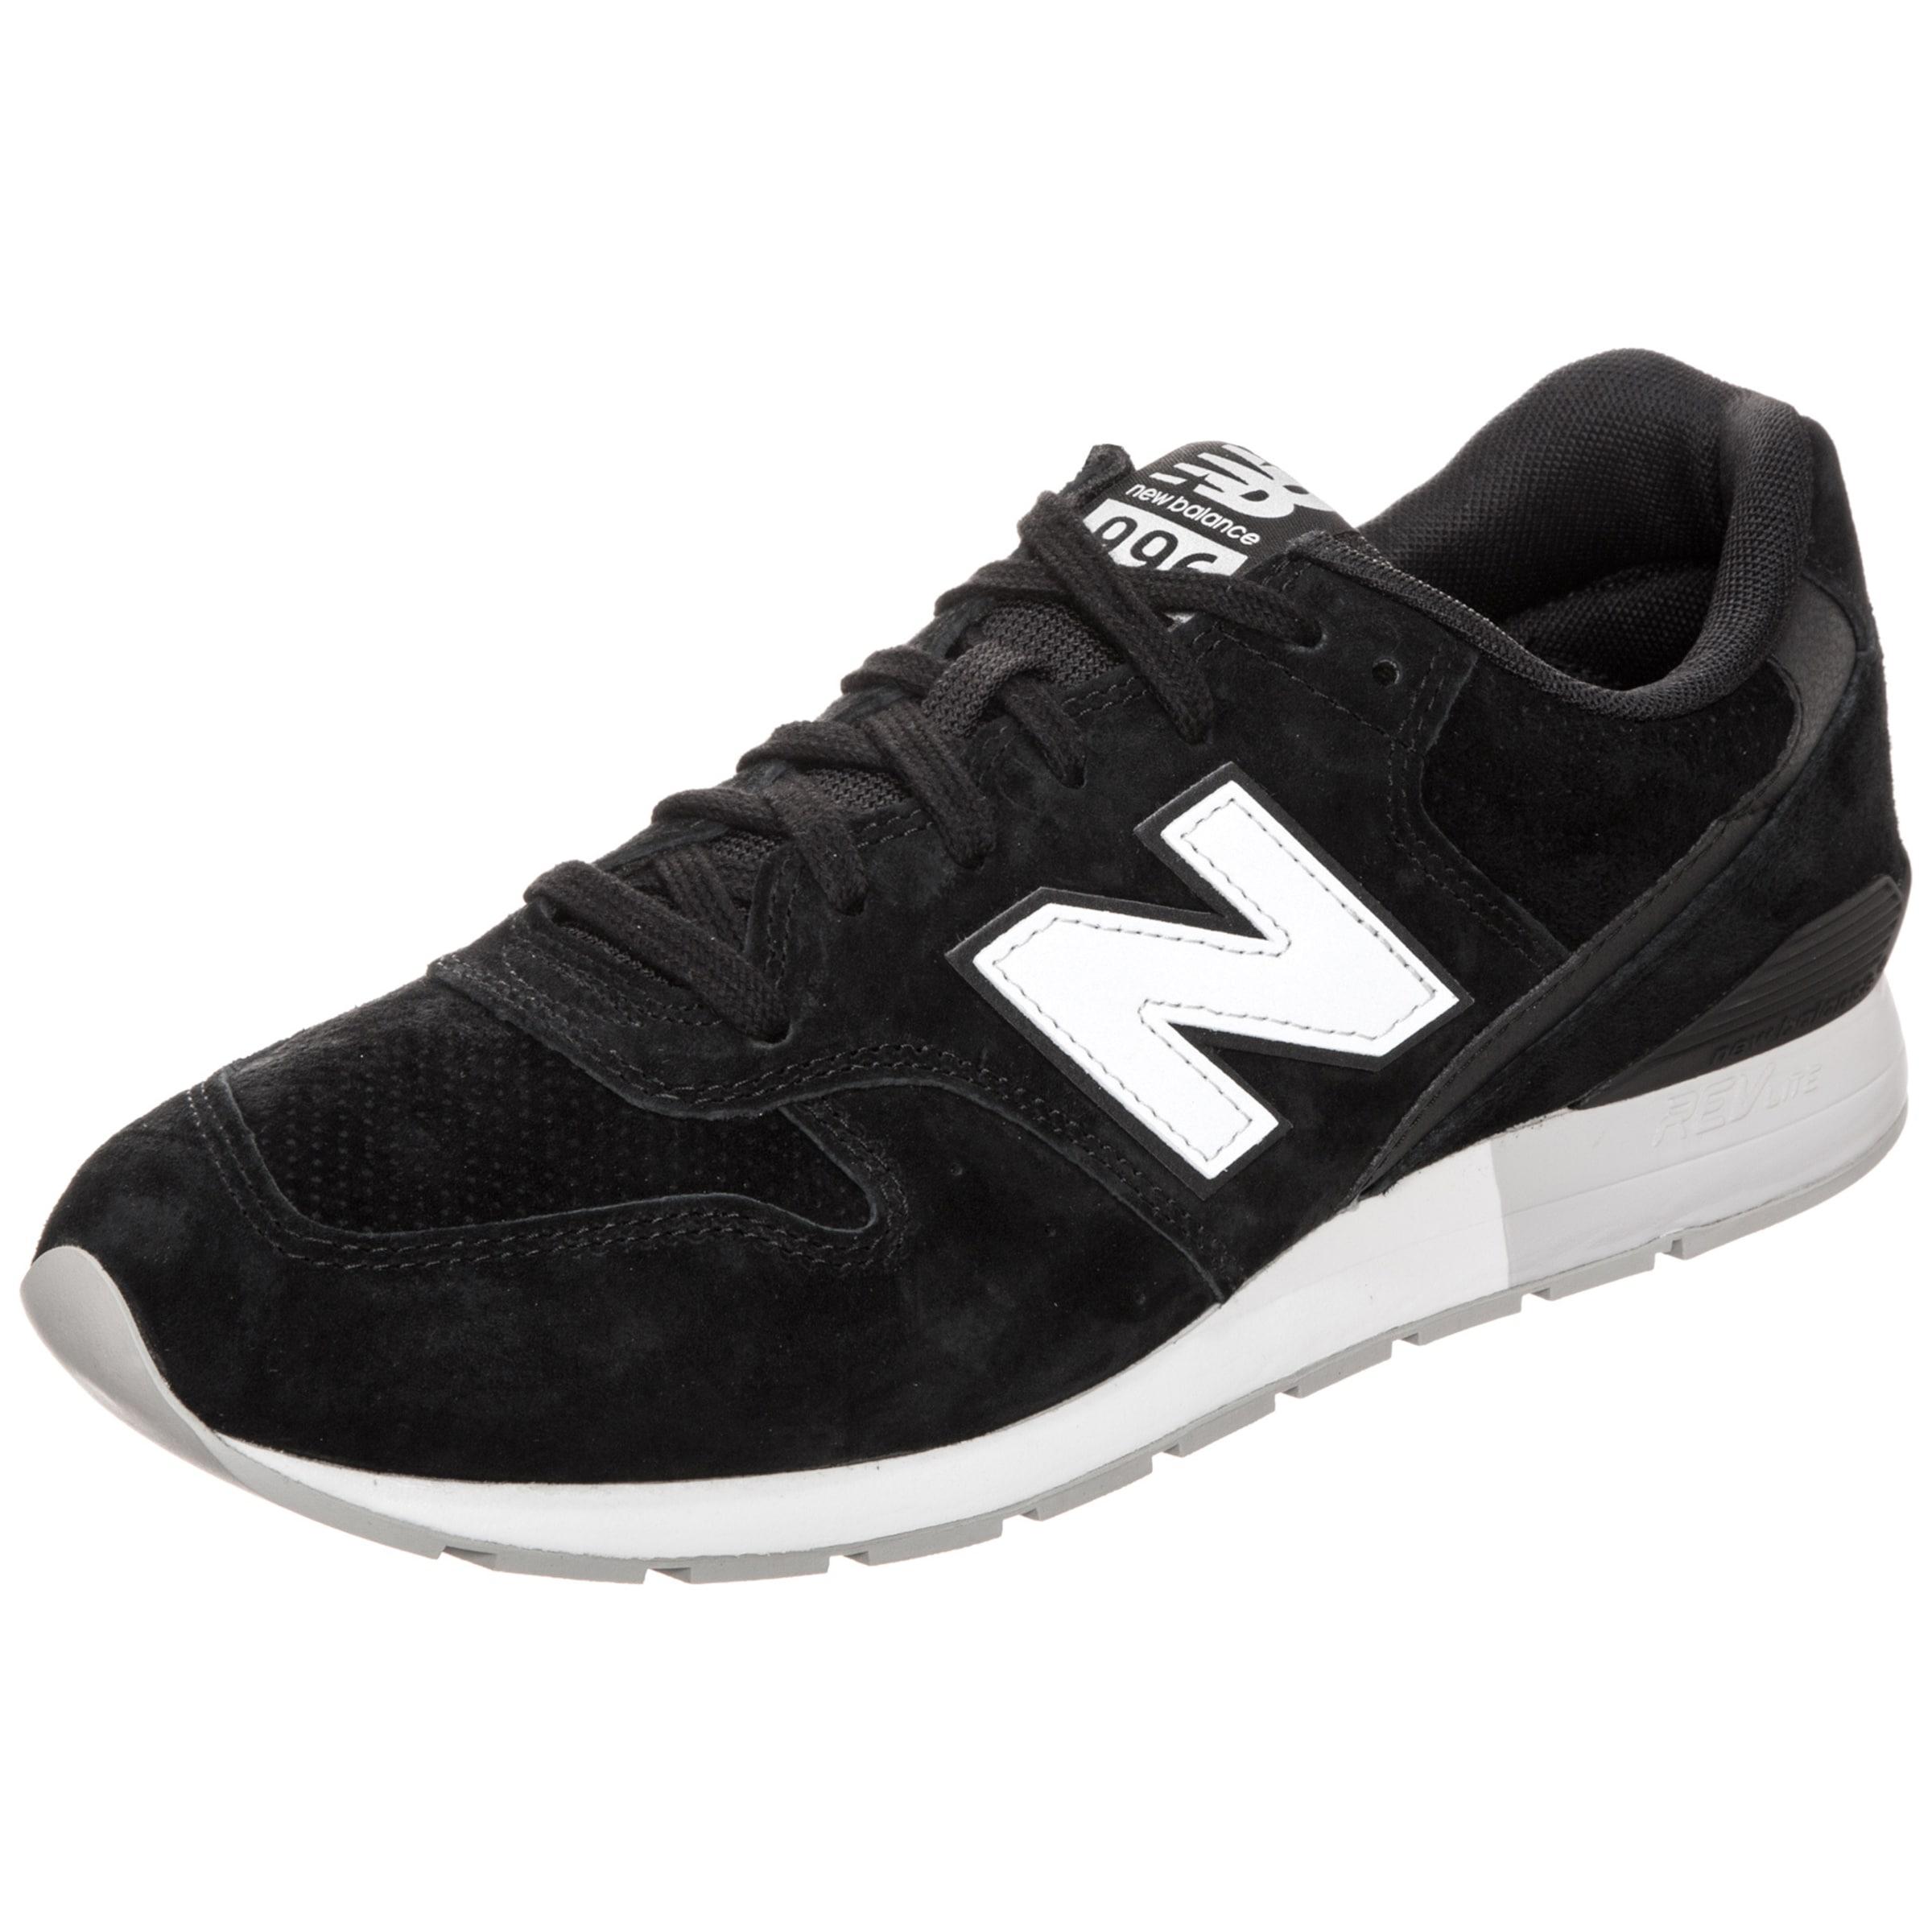 MU D' balance 'MRL996 balance MU 'MRL996 Sneaker new new D' Sneaker 'MRL996 new balance dg40nP4Tq